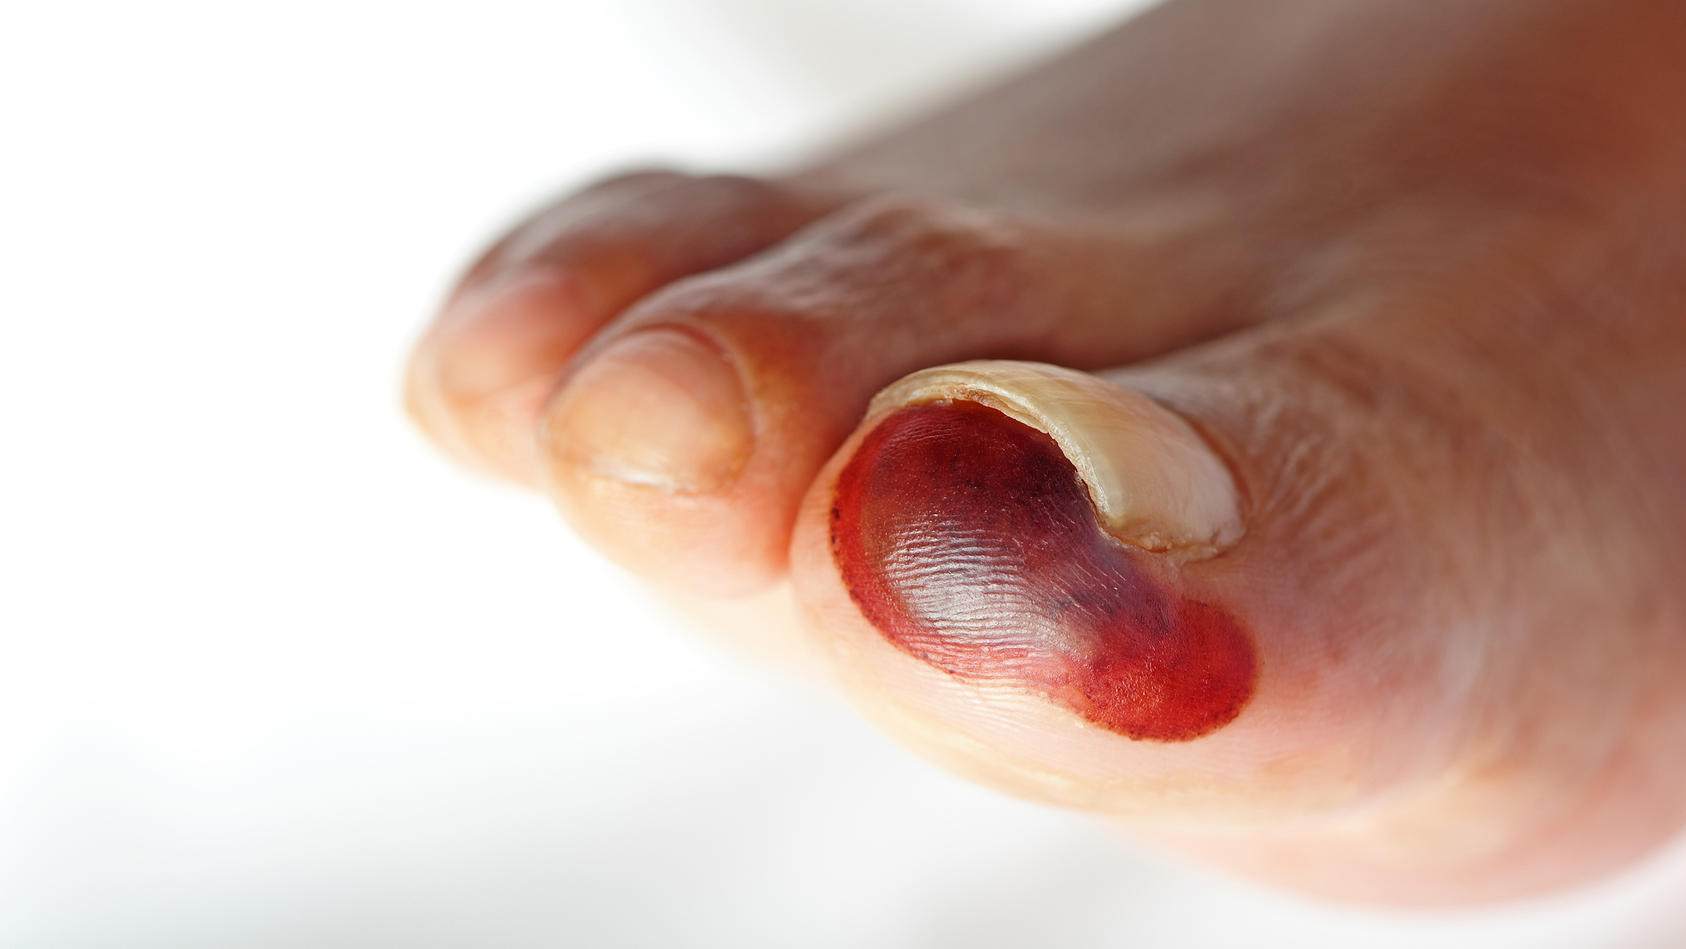 Die Gangrän ist in der Regel ein deutlich begrenzter und schlecht heilender Gewebeschaden.